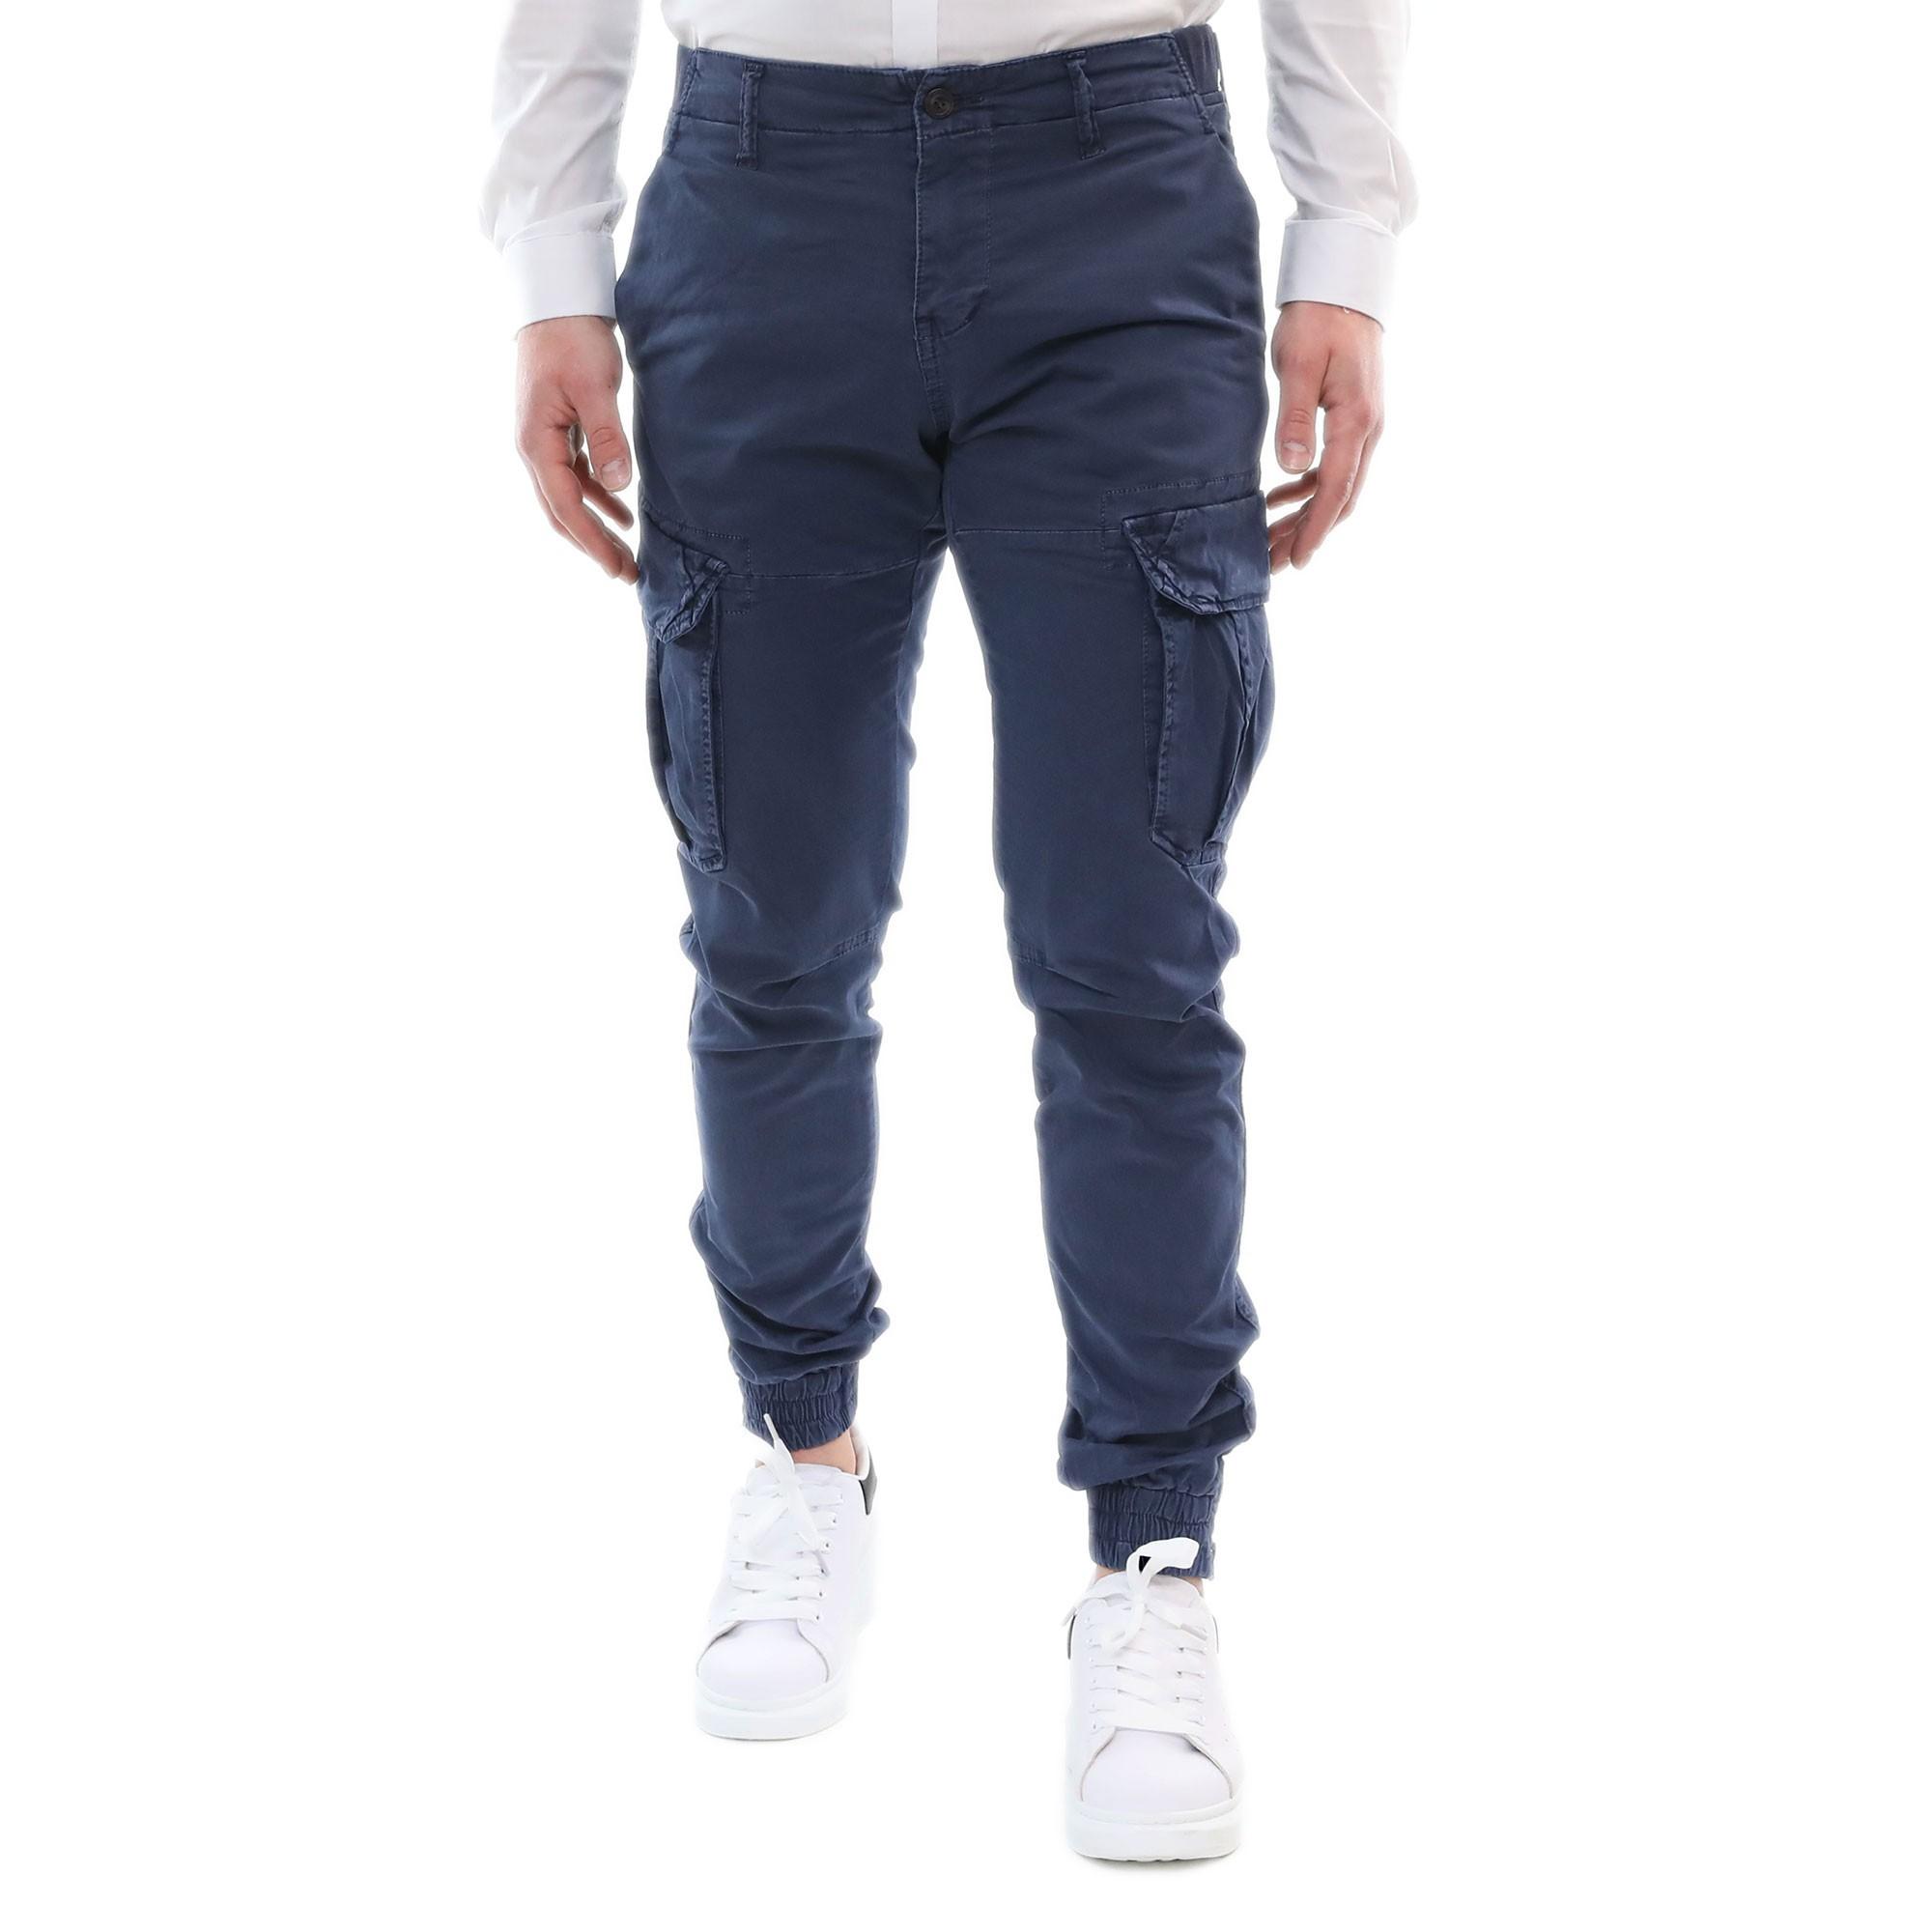 Pantalone-Uomo-Cargo-Invernale-Slim-Fit-Verde-Militare-Blu-Nero-Tasche-Laterali